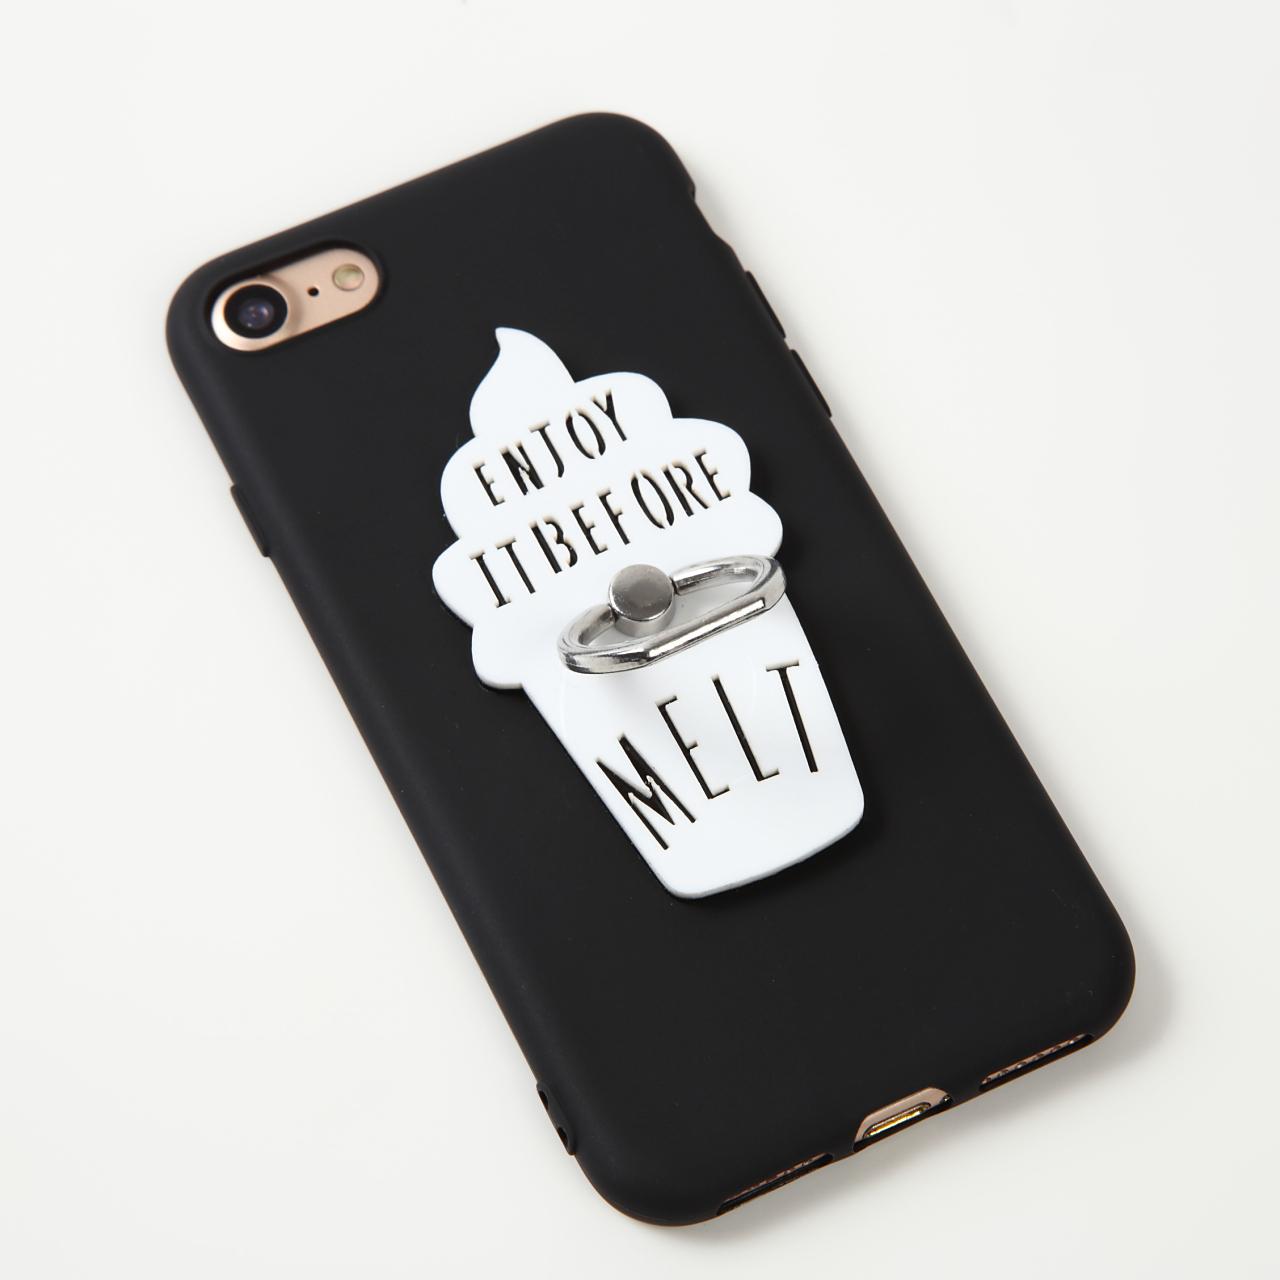 【即納★送料無料】ブラックソフトケースにソフトクリーム落下防止リング付iPhoneケース